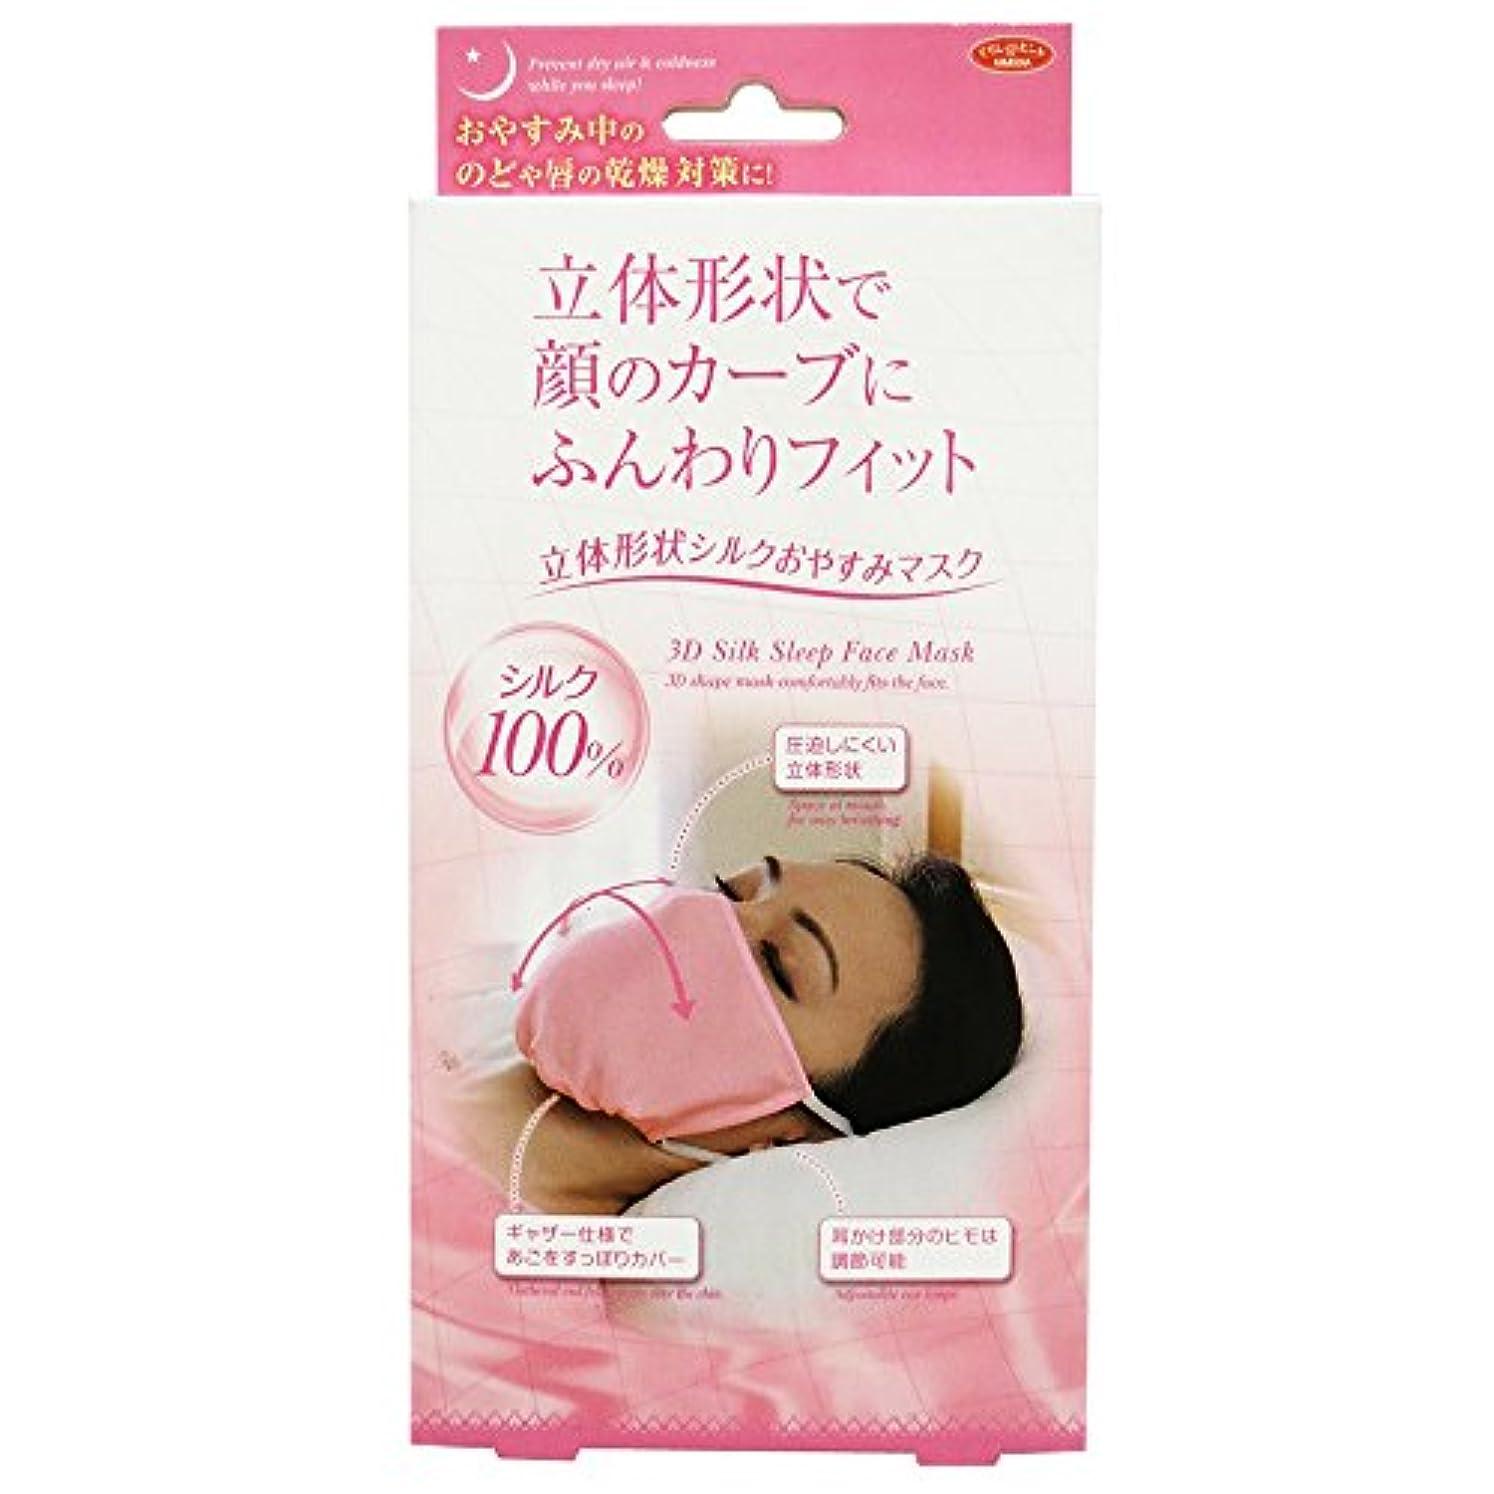 お別れデザイナーカーペットアイメディア 立体形状シルクおやすみマスク